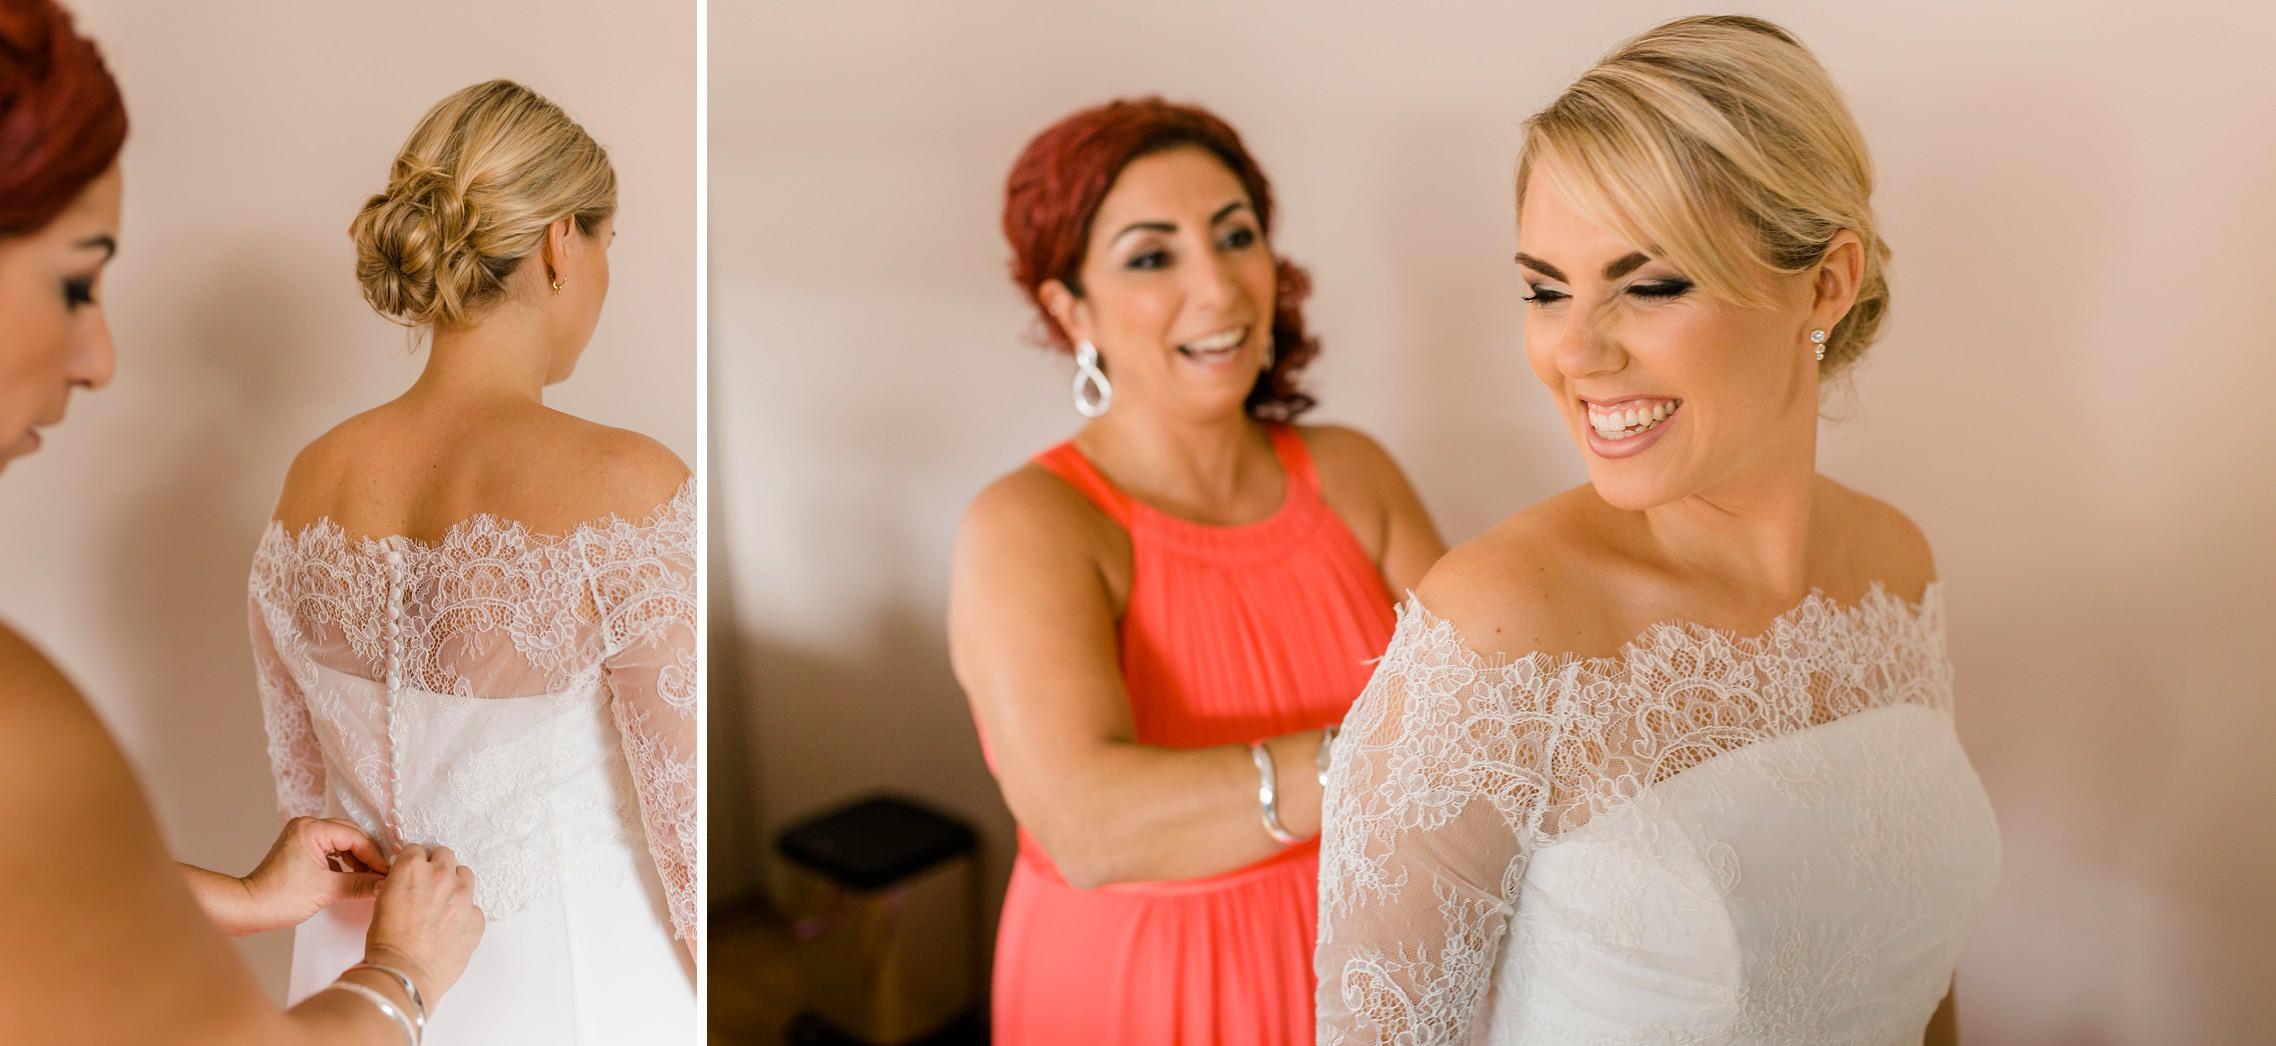 Das Brautkleid wird zugeknöpft und die Braut hat viel Spaß mit ihrer Trauzeugin im Weingut Fitz-Ritter in Bad Dürkheim.